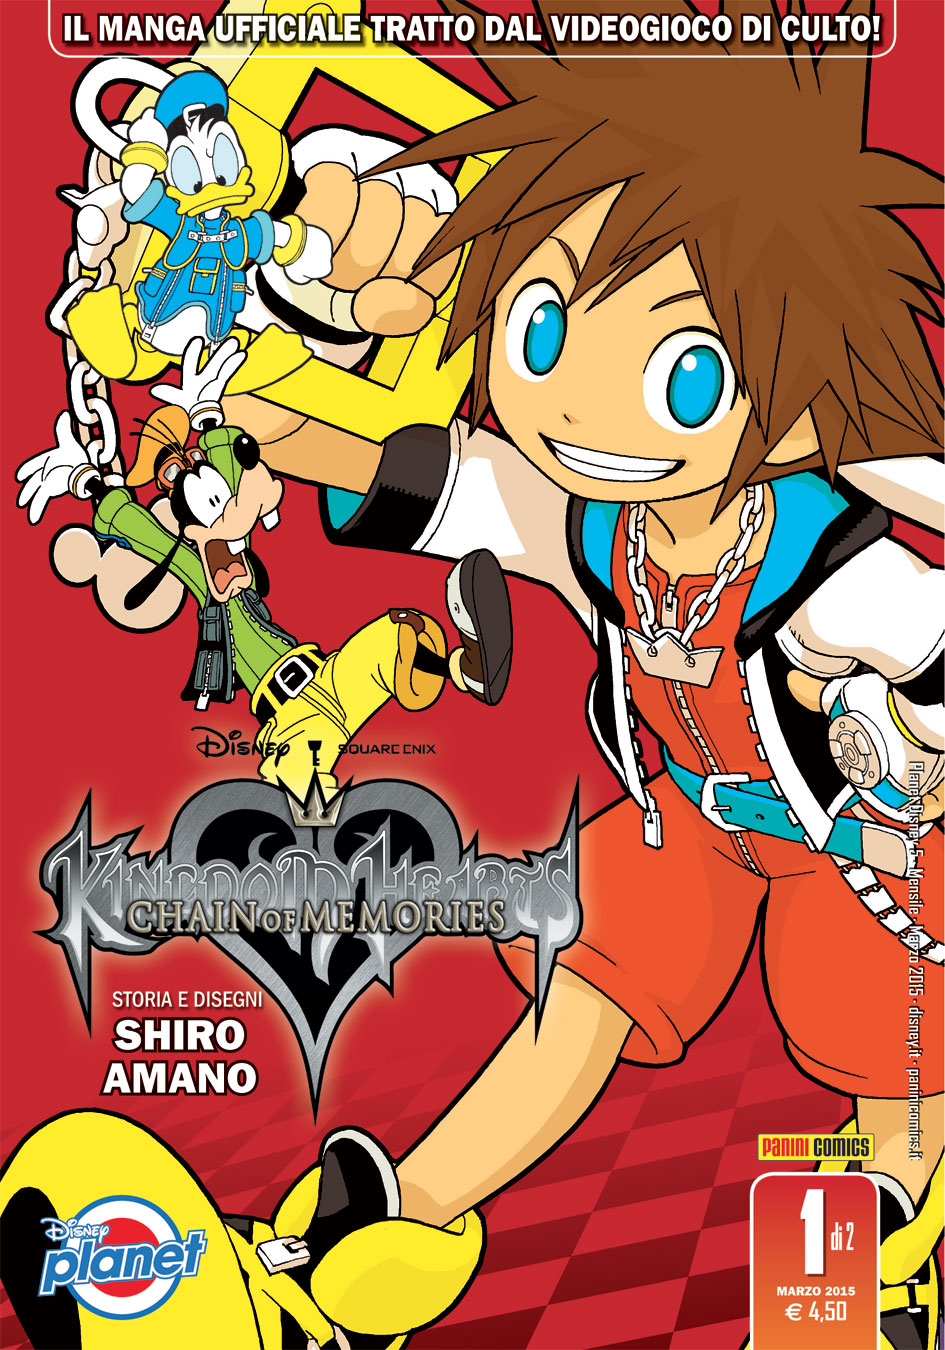 Cover Disney Planet 5 - Kingdom Hearts - Chain of Memories 1 di 2